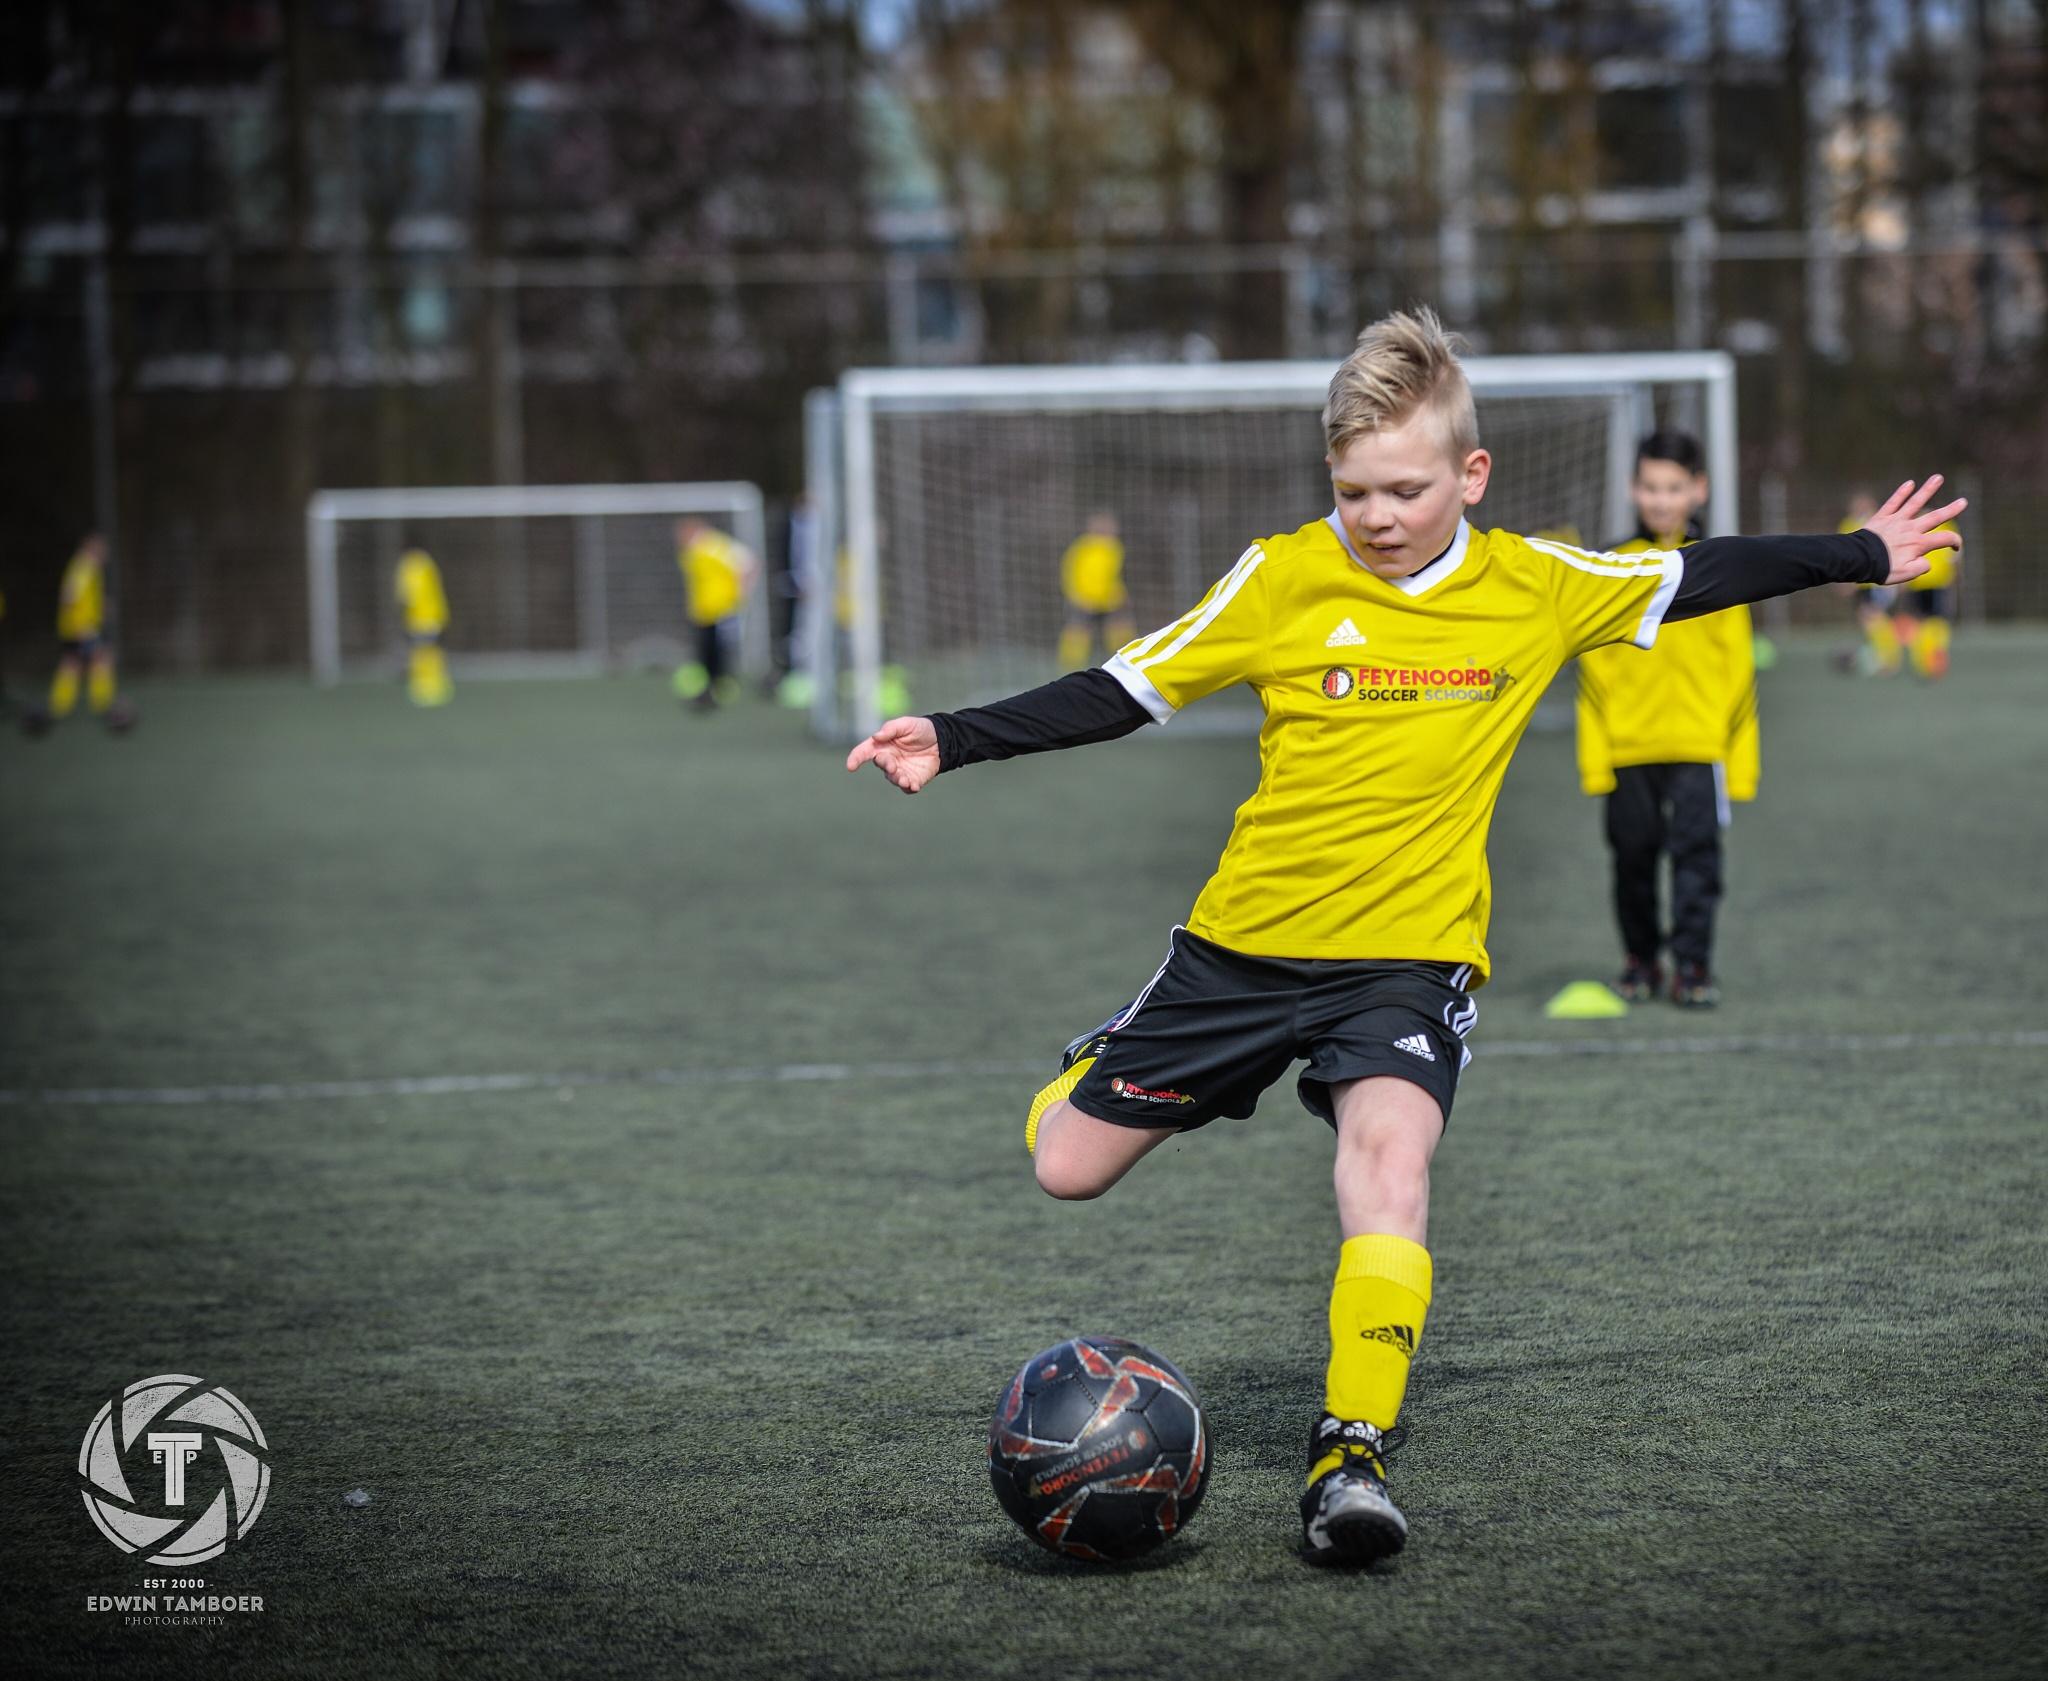 My son @talenttraining @Feyenoordsoccerschools by Edwin Tamboer fotografie